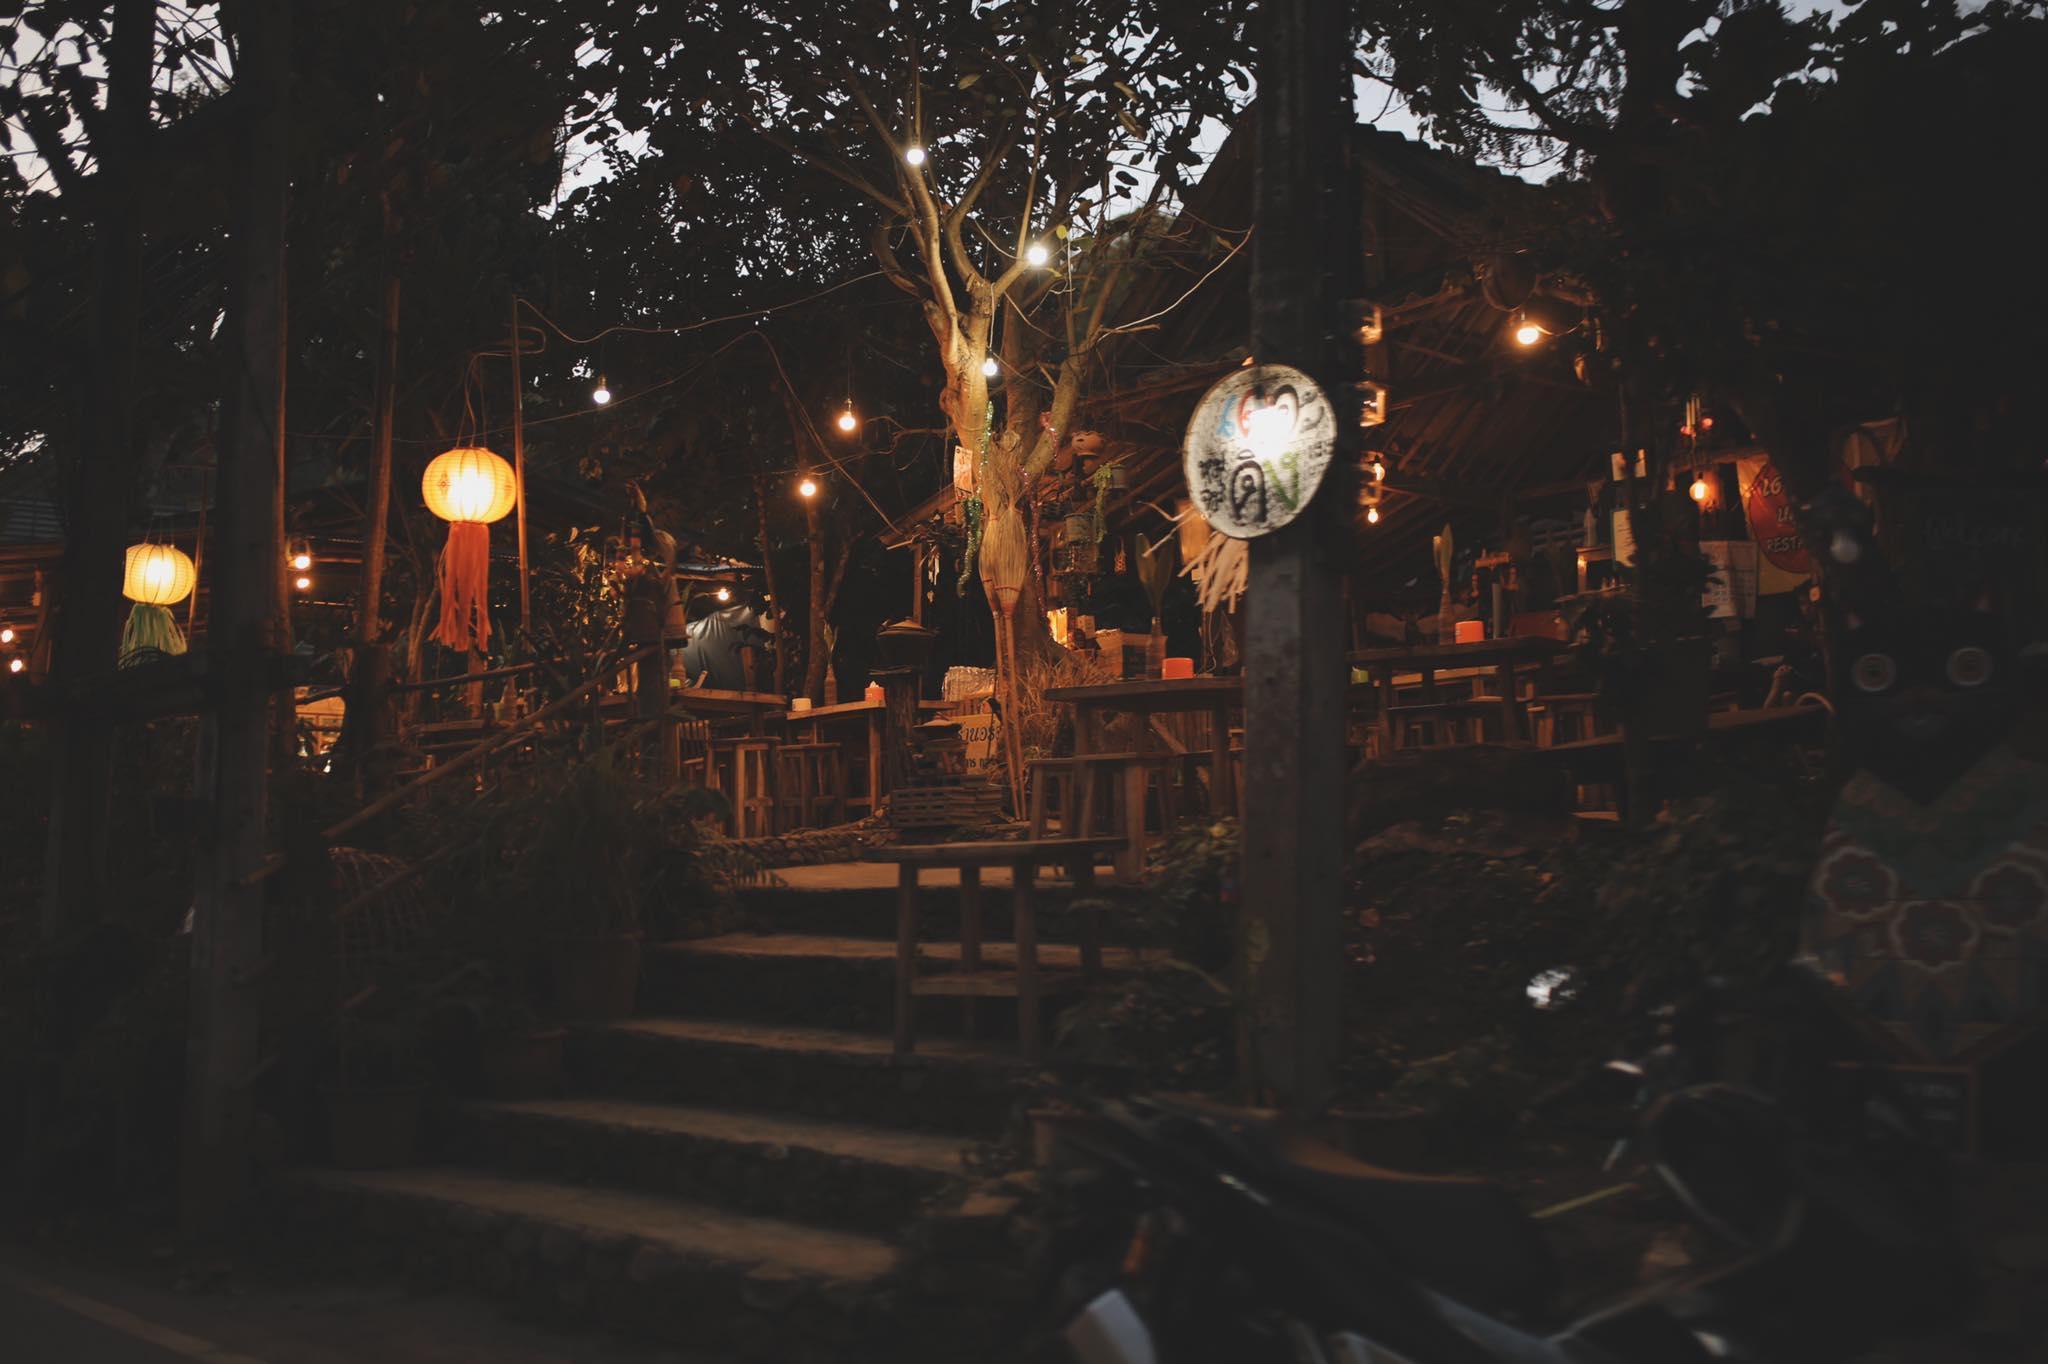 The Tree home  Mae Kampong 4 บังกะโล 1 ห้องนอน 1 ห้องน้ำส่วนตัว ขนาด 30 ตร.ม. – ดอยสะเก็ด